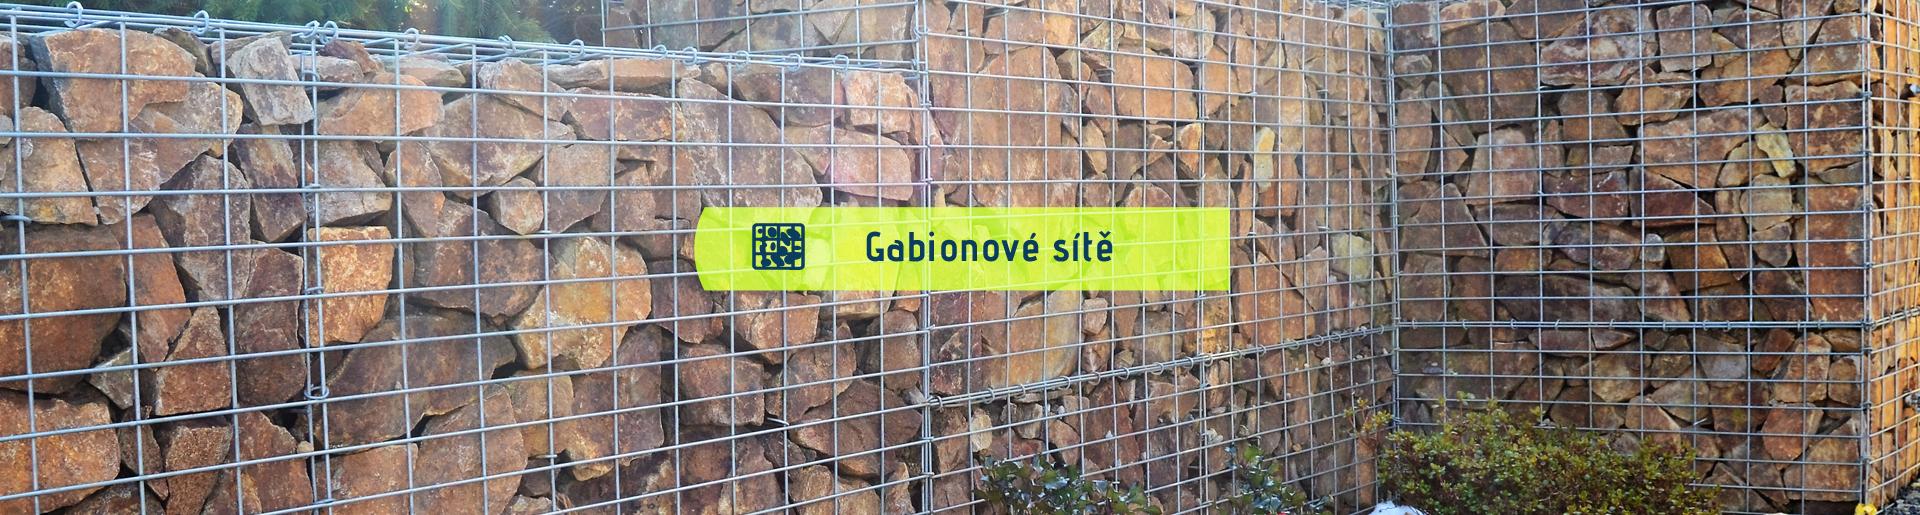 Gabionové sítě